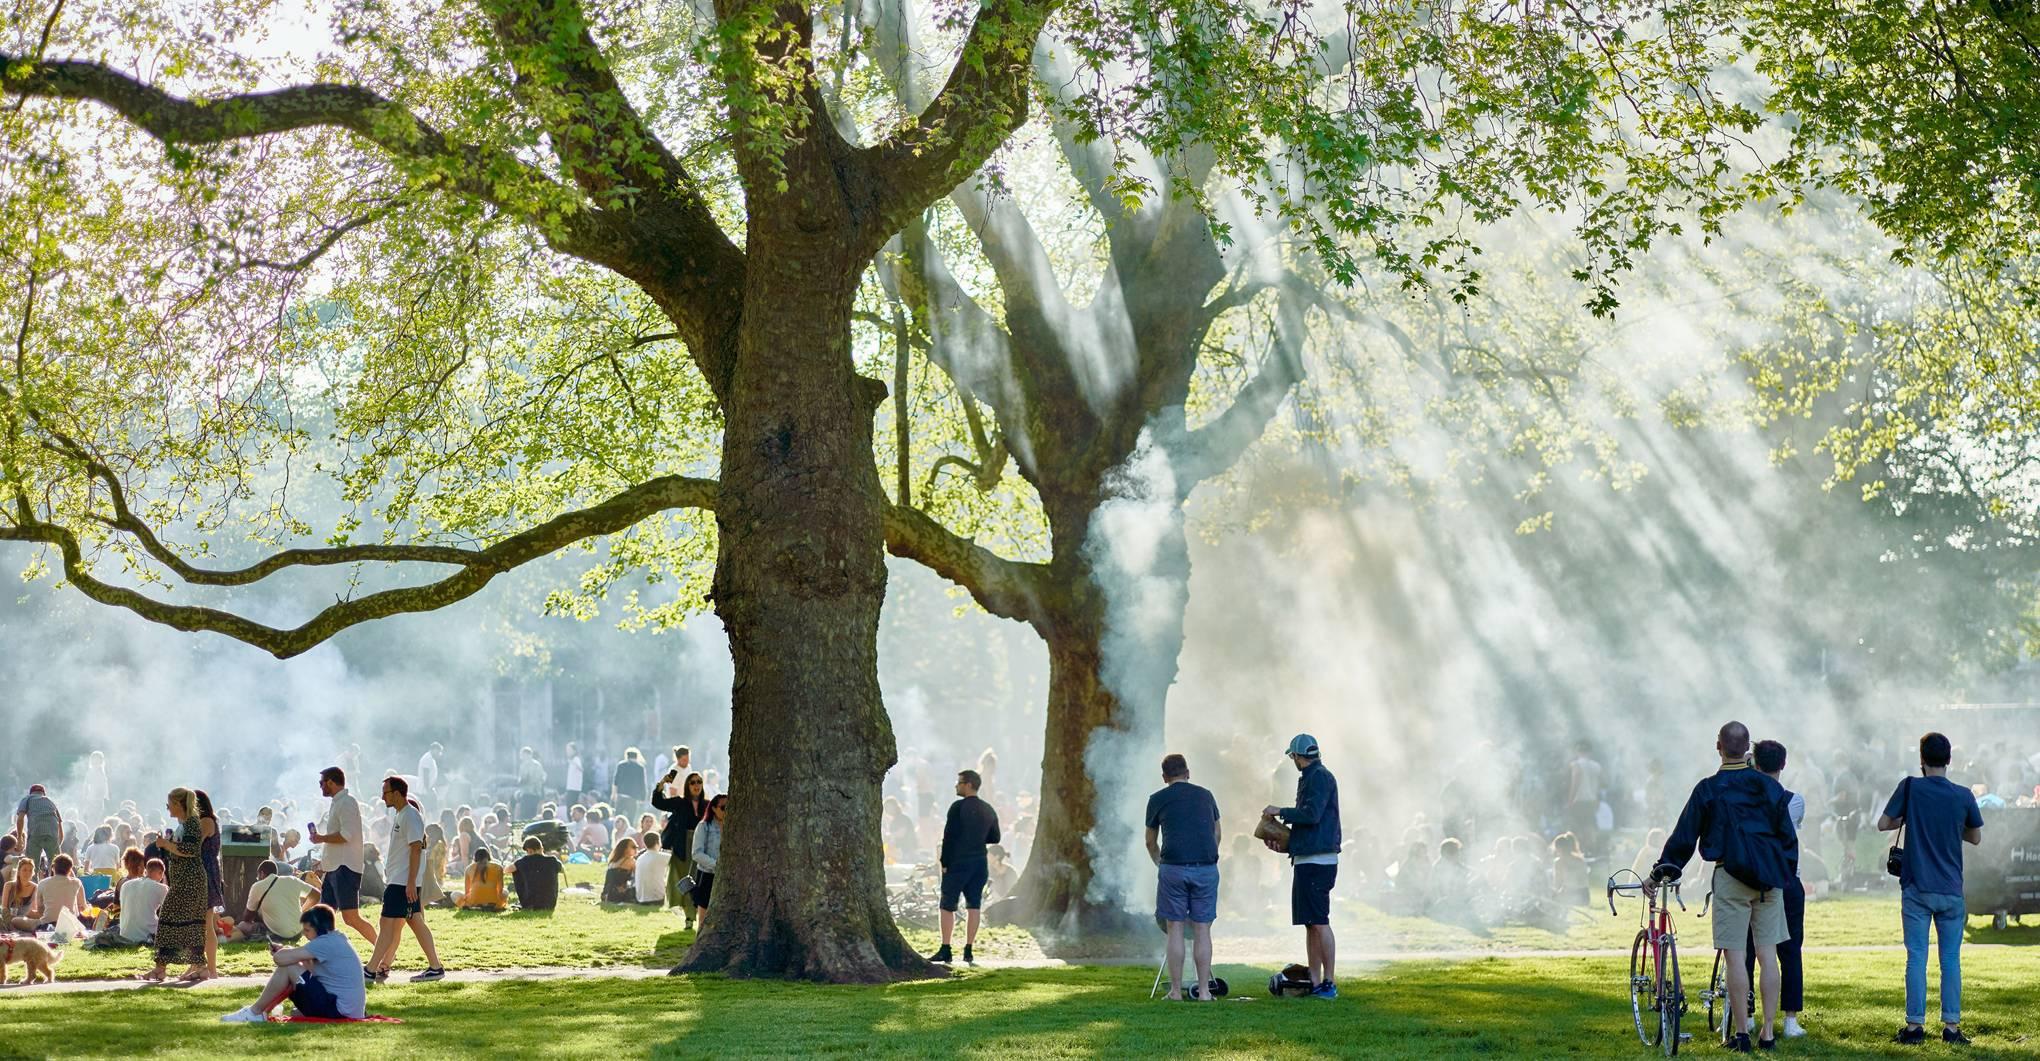 The 7 best outdoor activities in London